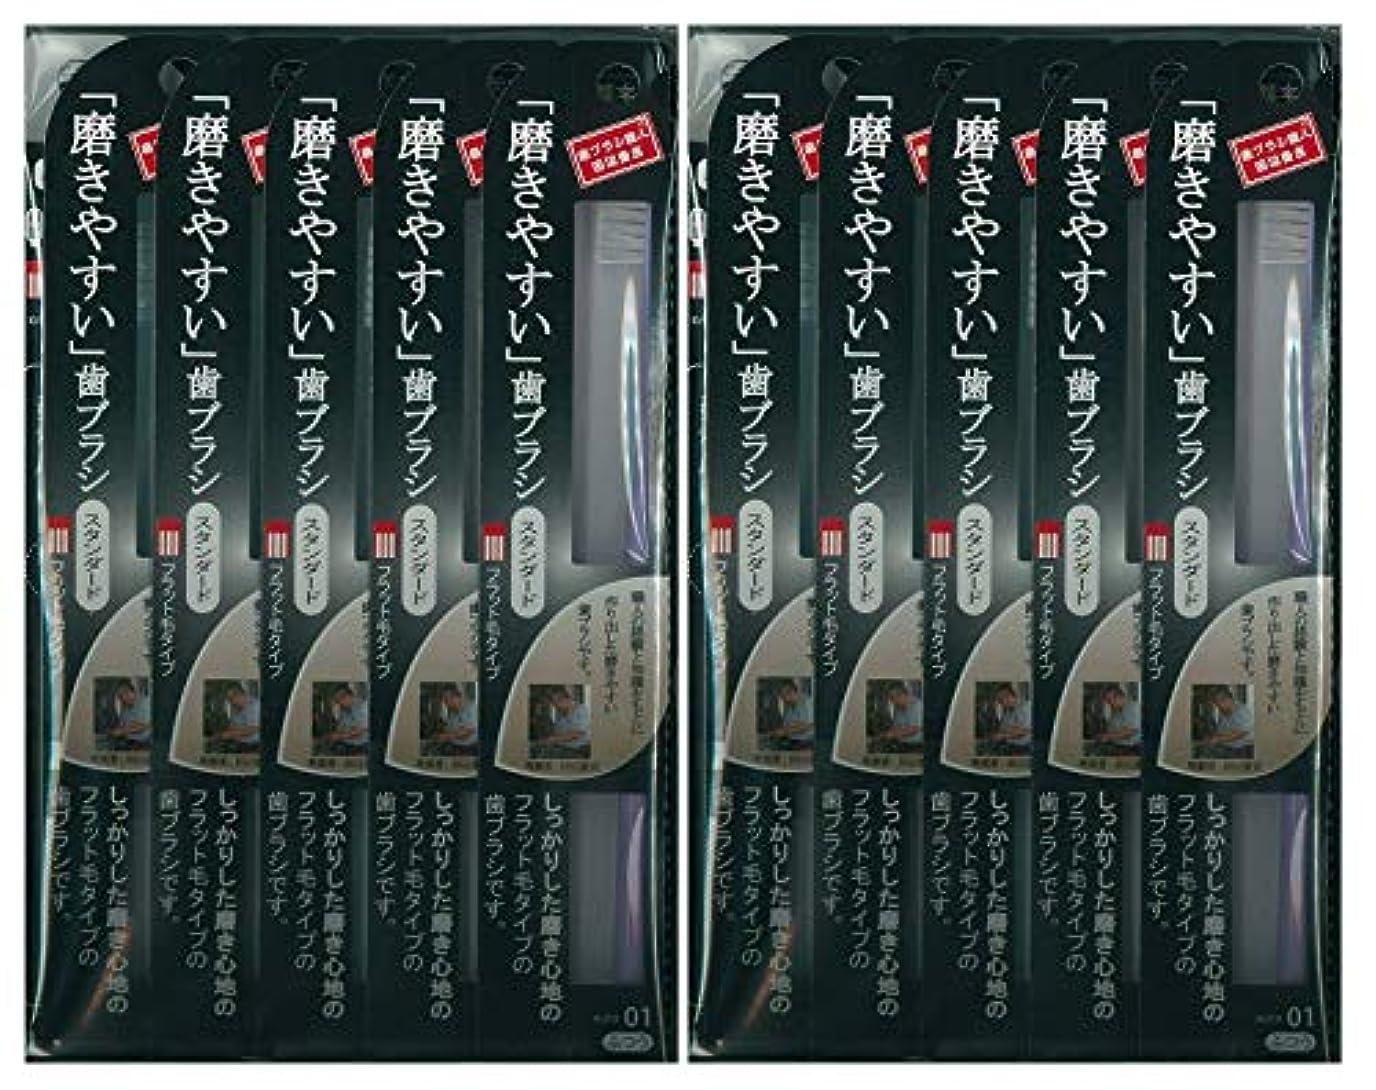 おめでとう修正する偉業歯ブラシ職人 田辺重吉考案 磨きやすい歯ブラシ ふつう (フラット) LT-01 1本入×24本セット